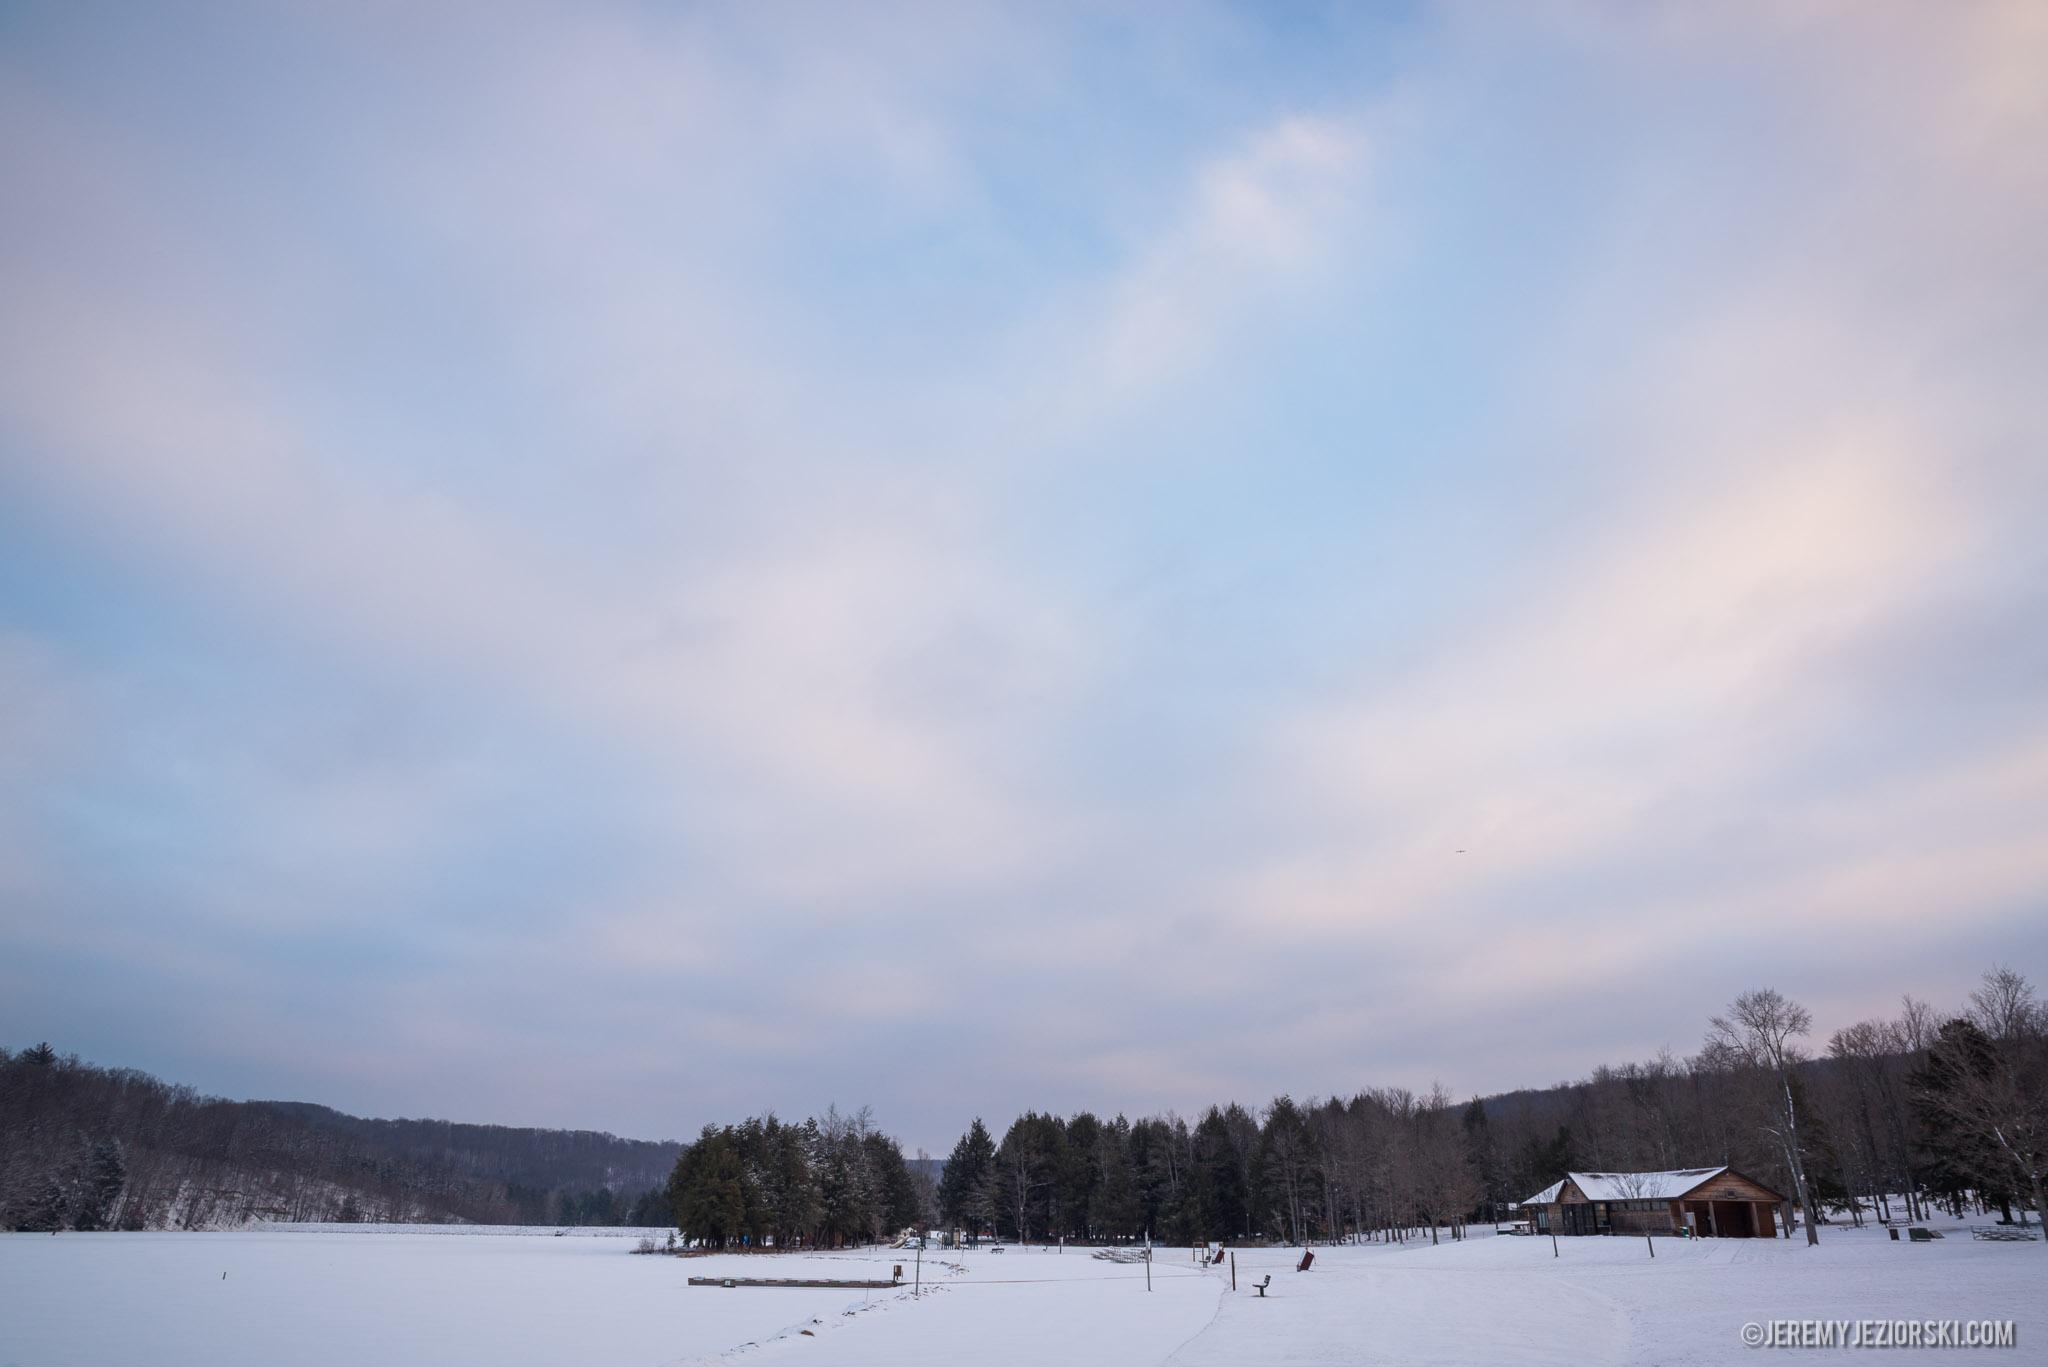 warren-county-winterfest-2014-photographer-jeremy-jeziorski-6550.jpg